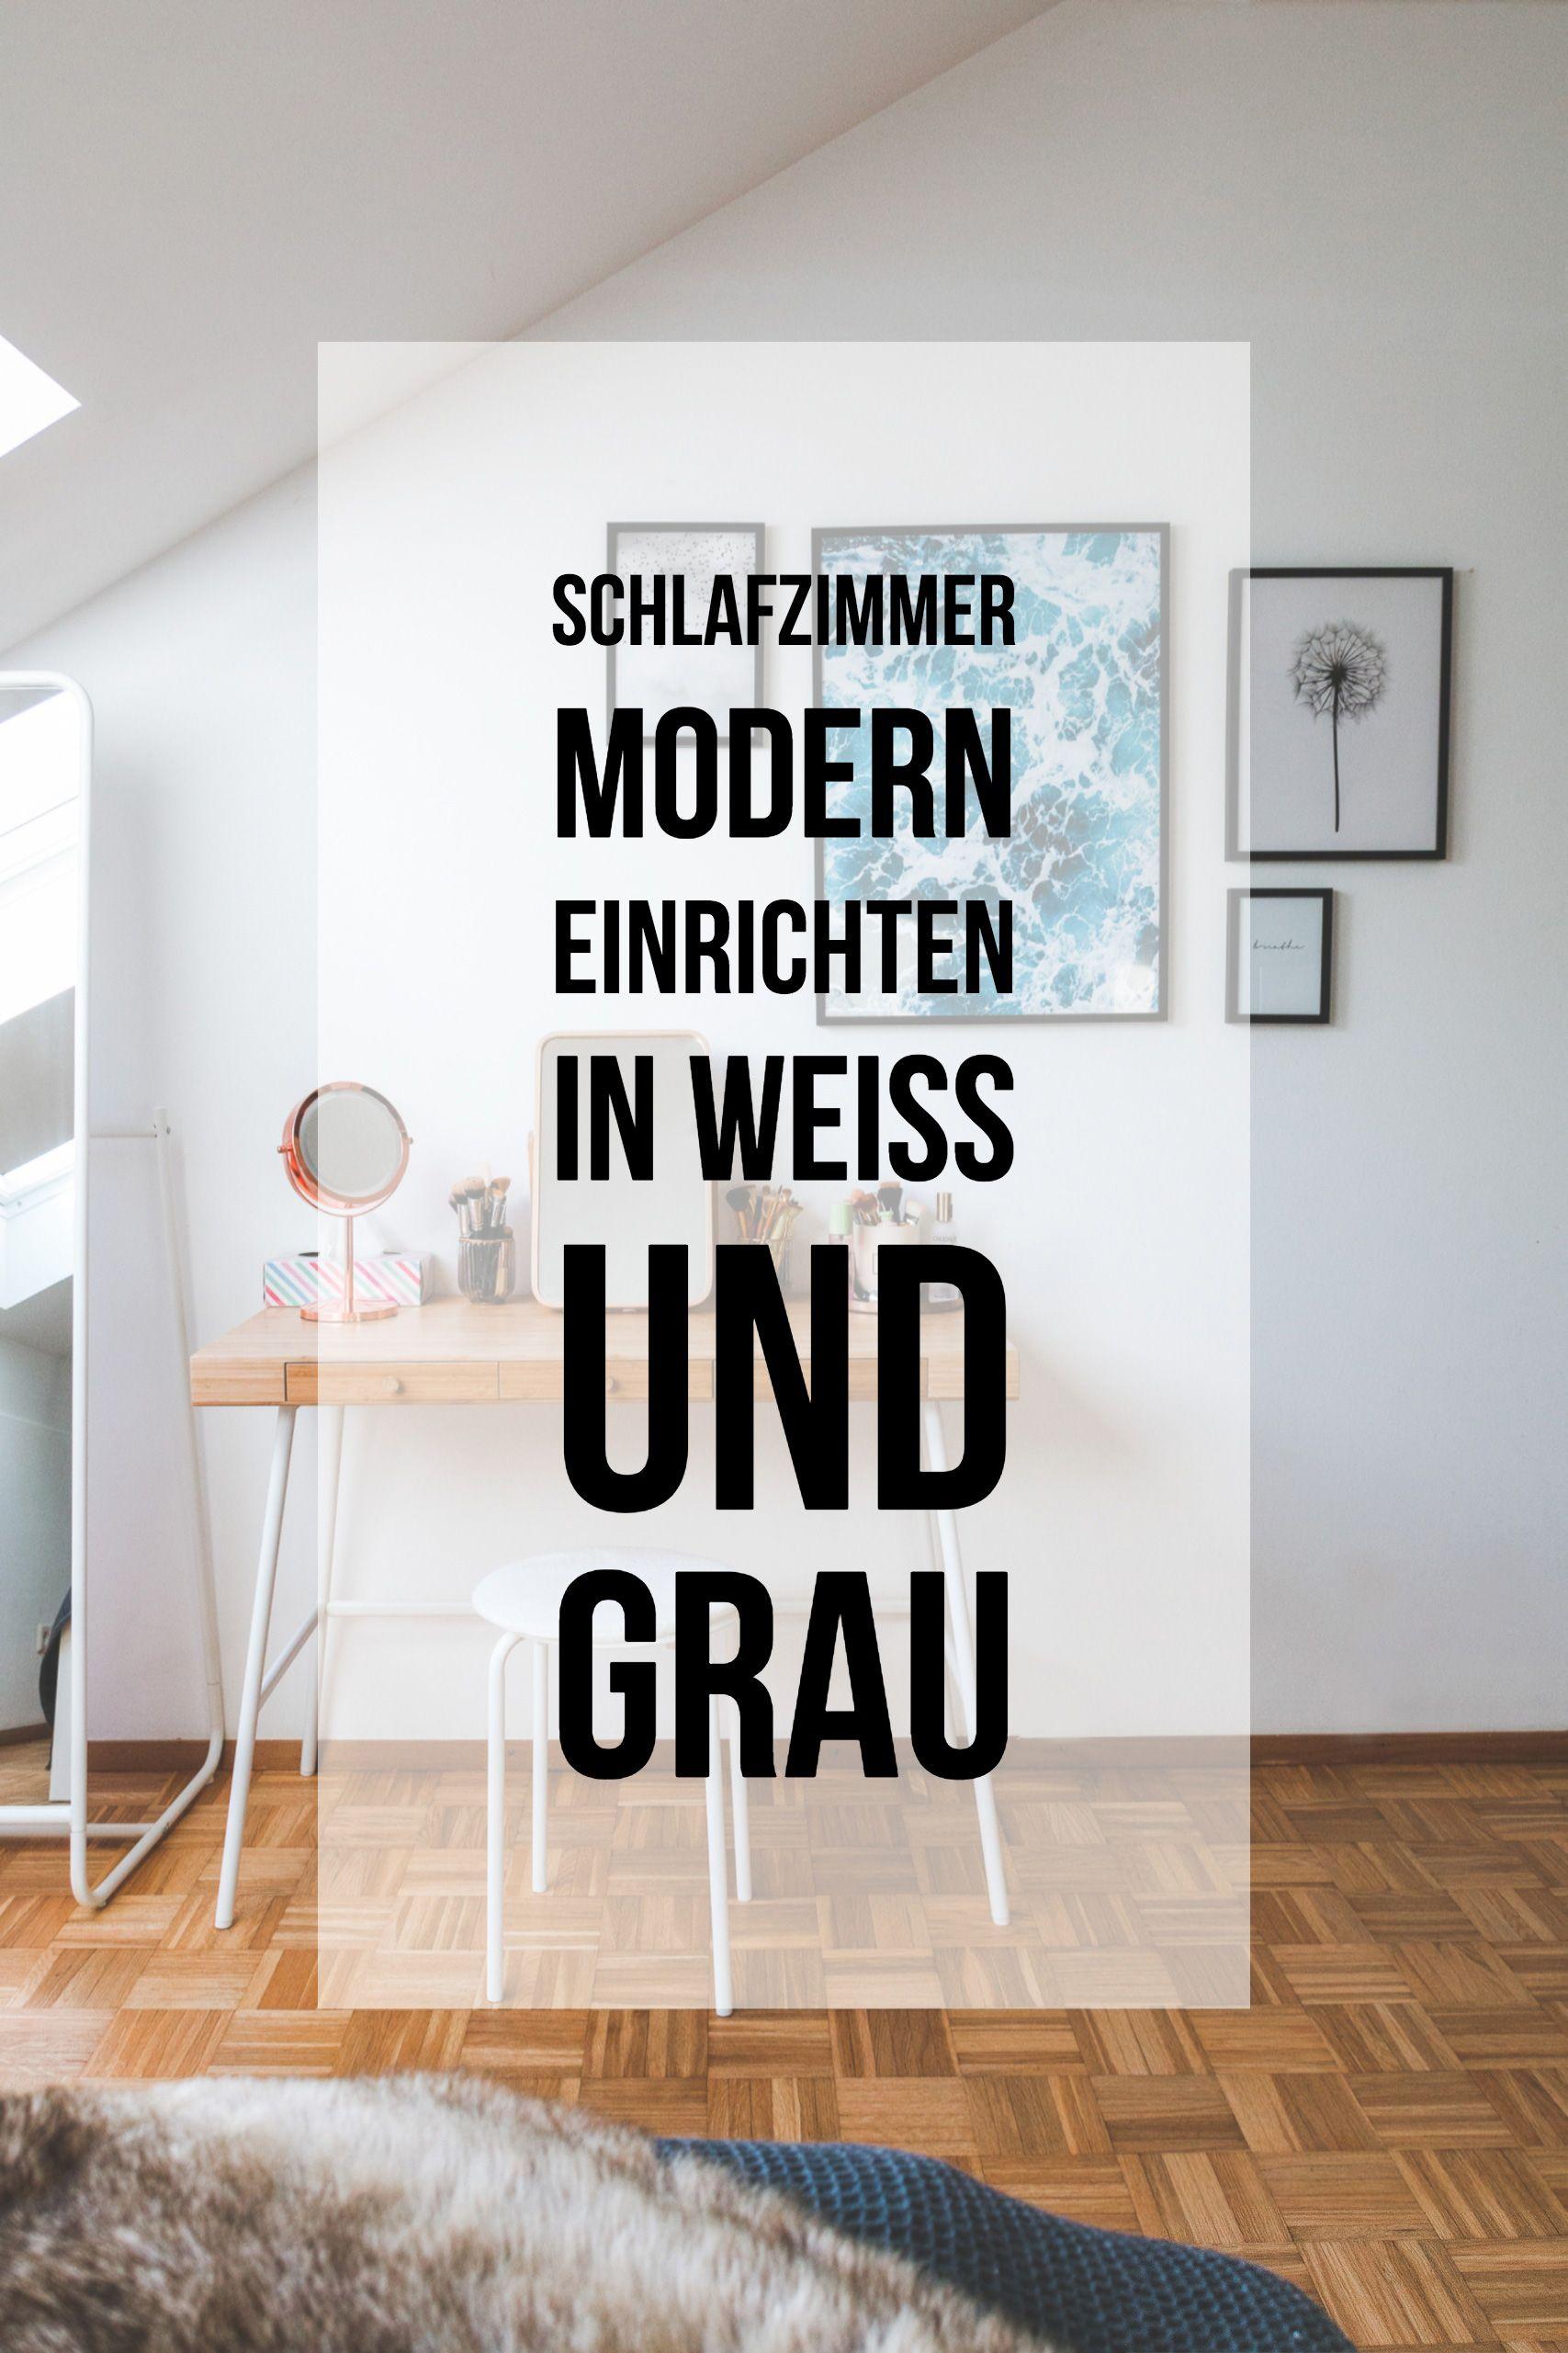 Schlafzimmer modern grau  Schlafzimmer modern einrichten in Weiß und Grau mit Alpina Feine ...